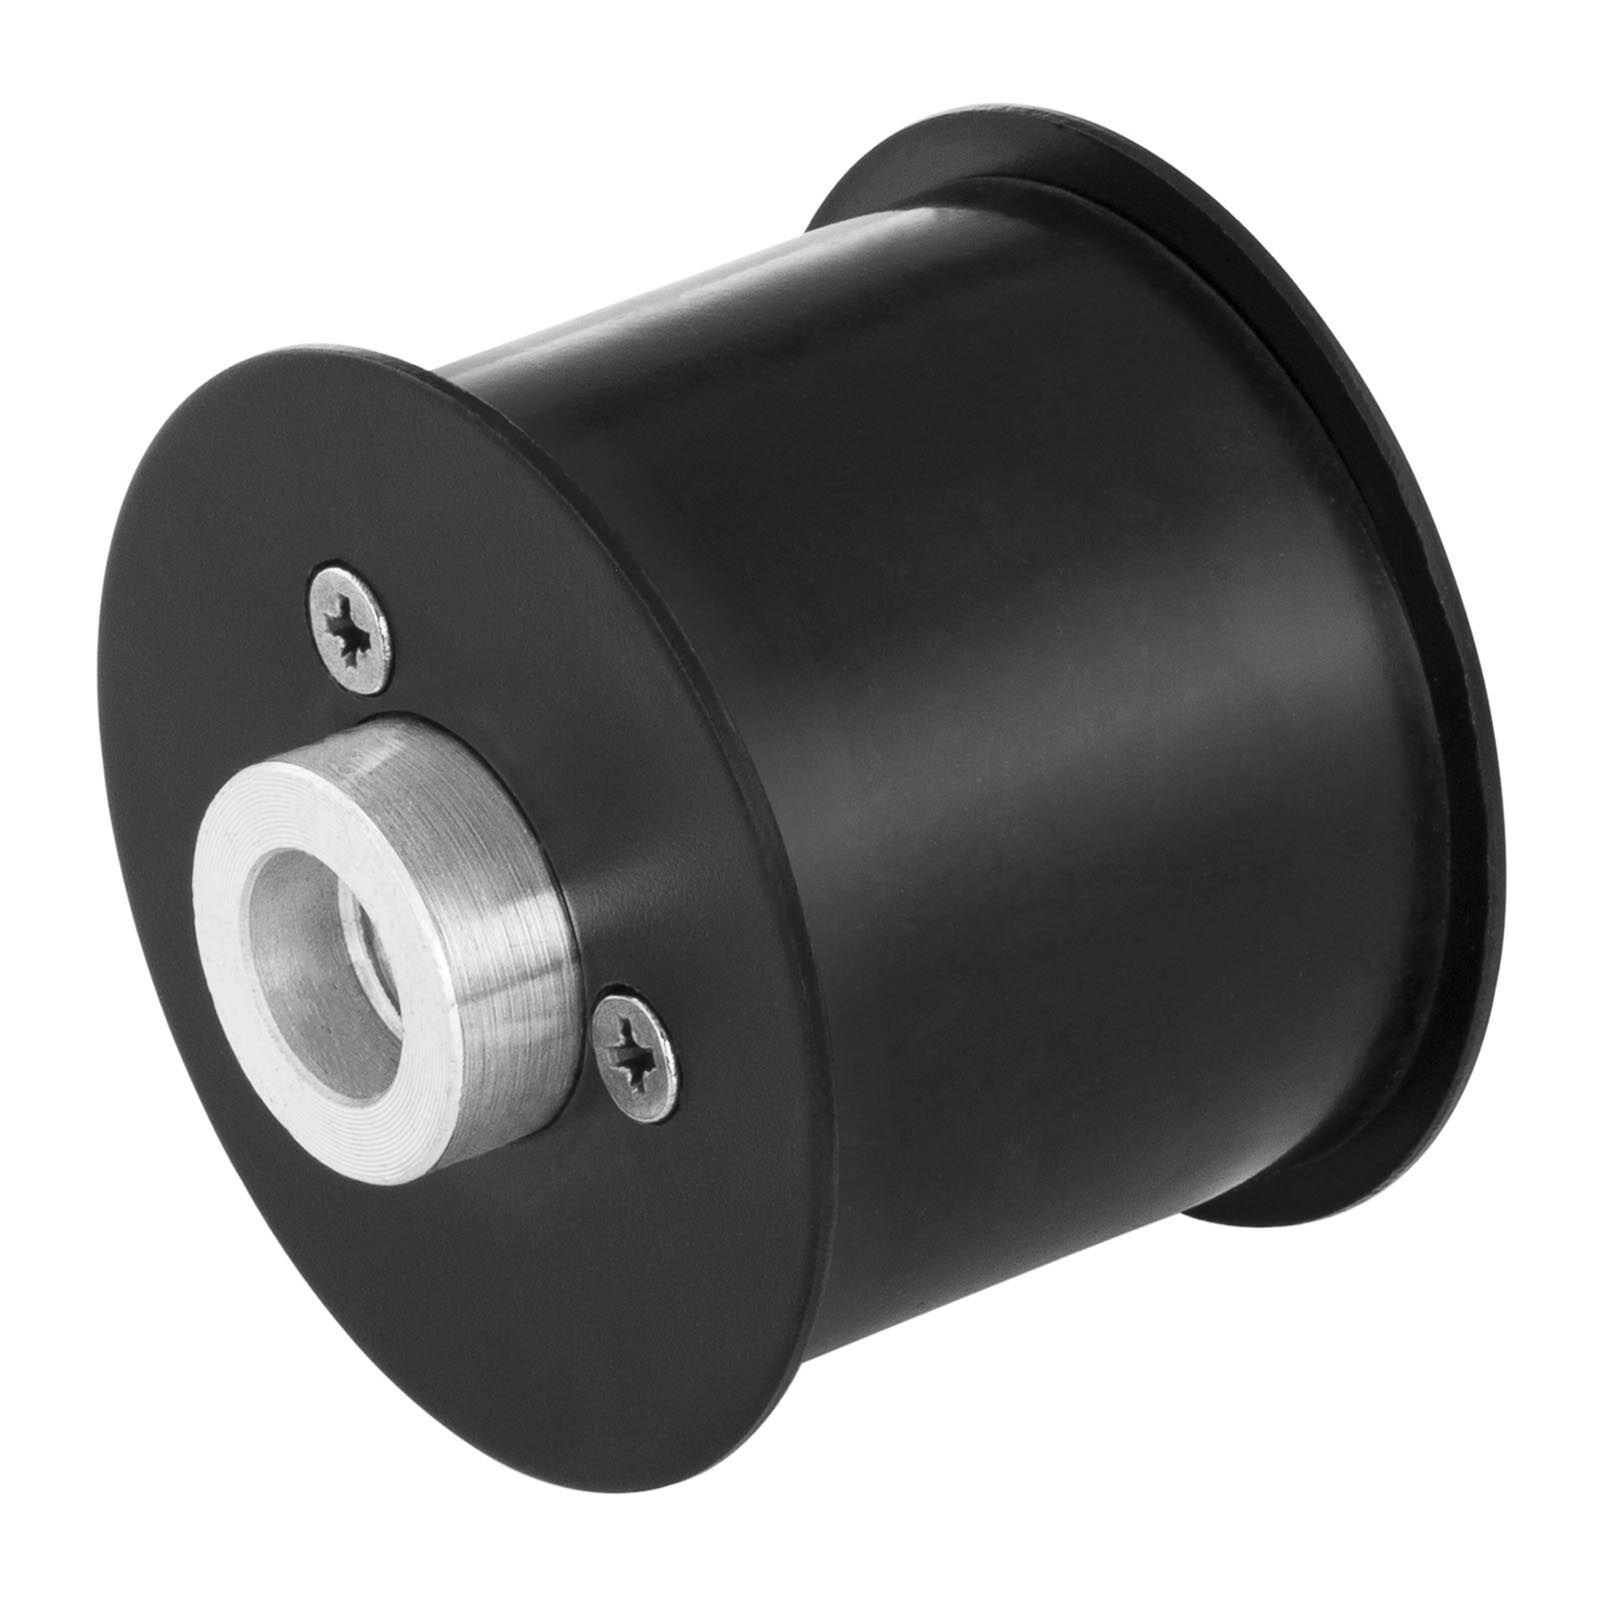 msw adattatore per levigatrice a nastro per tubi - 57 mm -pold57